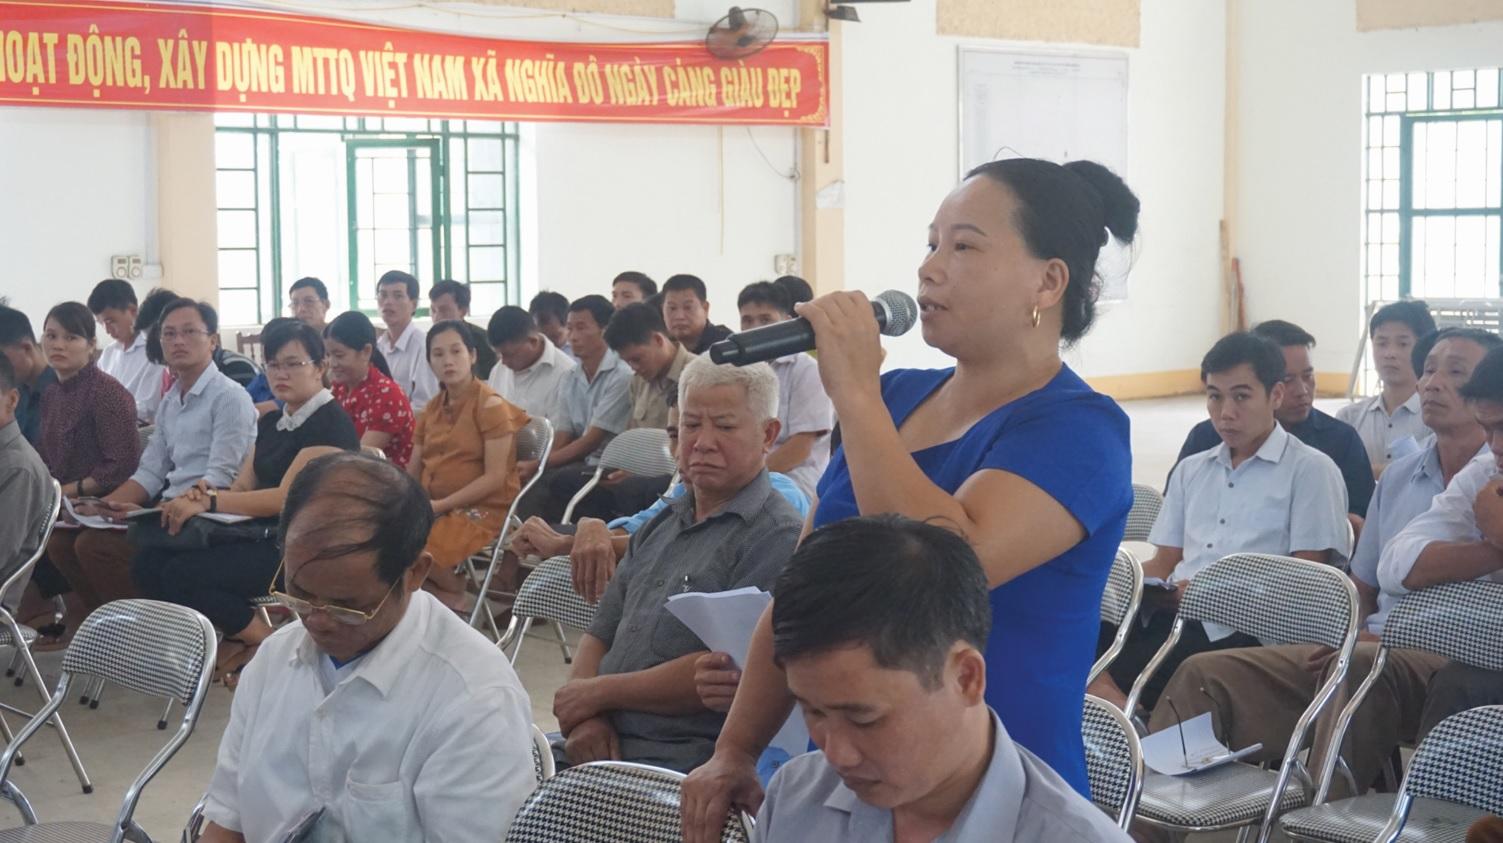 Người dân phát biểu ý kiến, kiến nghị tại buổi tiếp xúc.